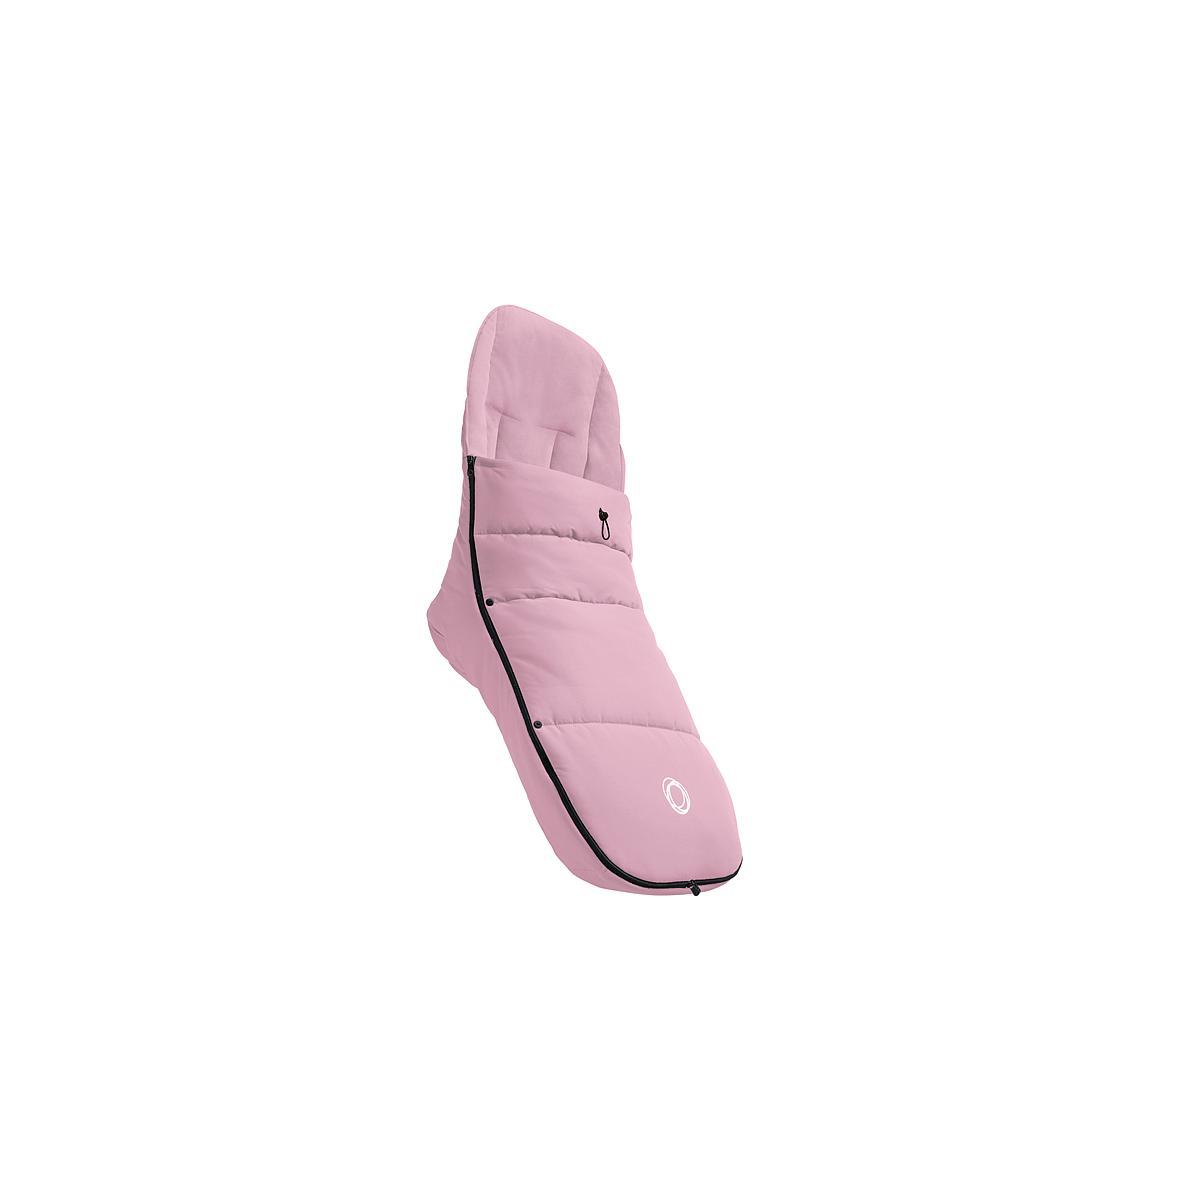 Saco silla bebé BUGABOO rosa pastel